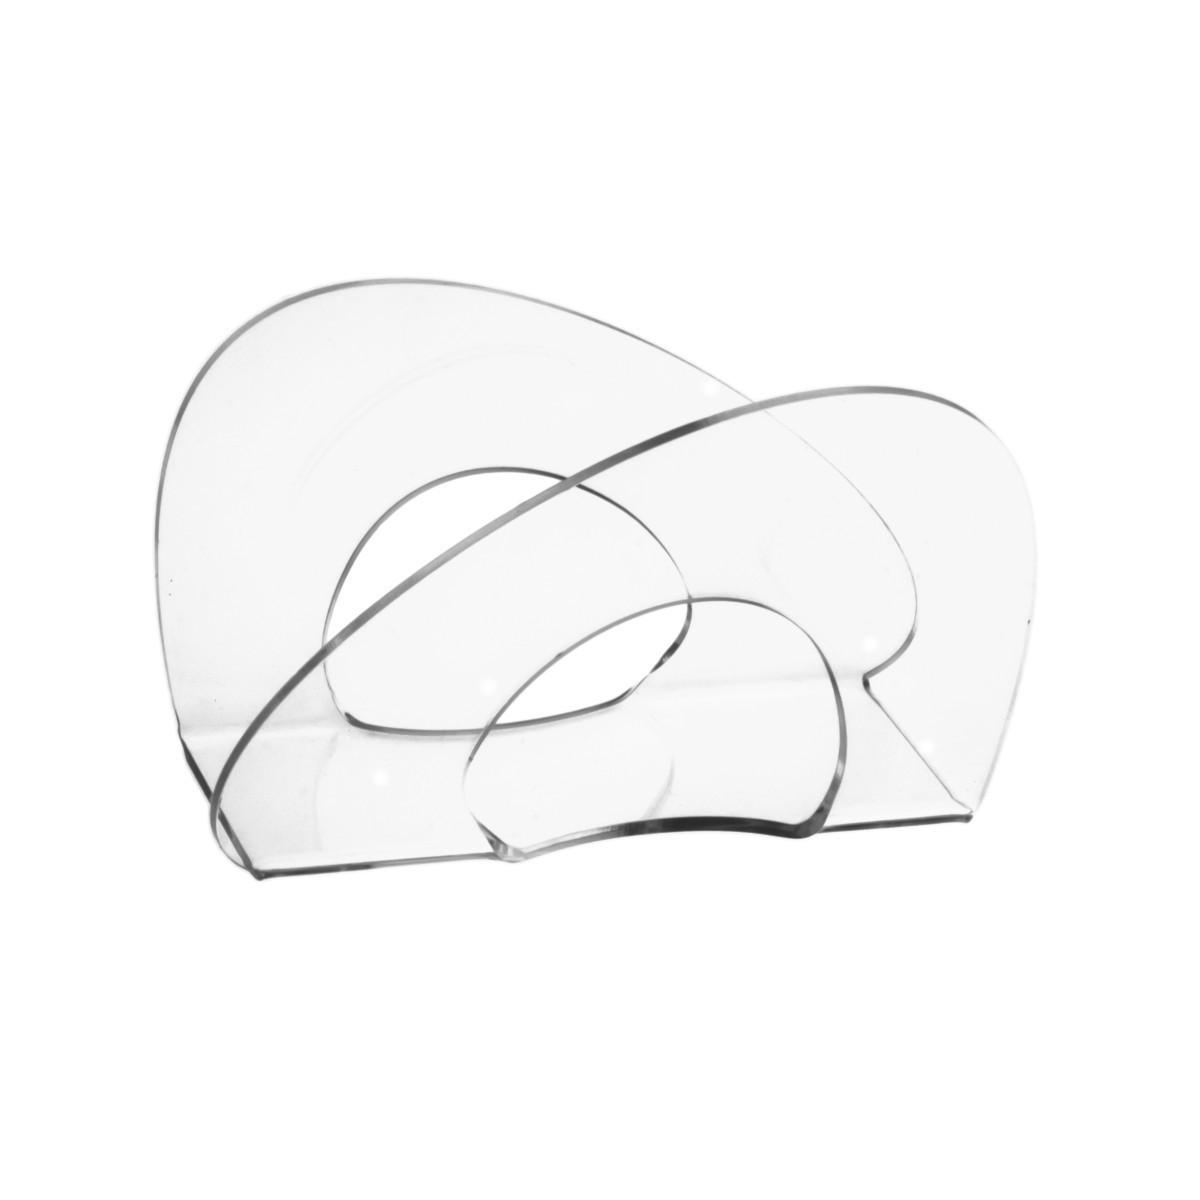 Rond de serviettes de comptoir en acrylique transparent - Dimensions: 13,5 x 5 x H8 cm